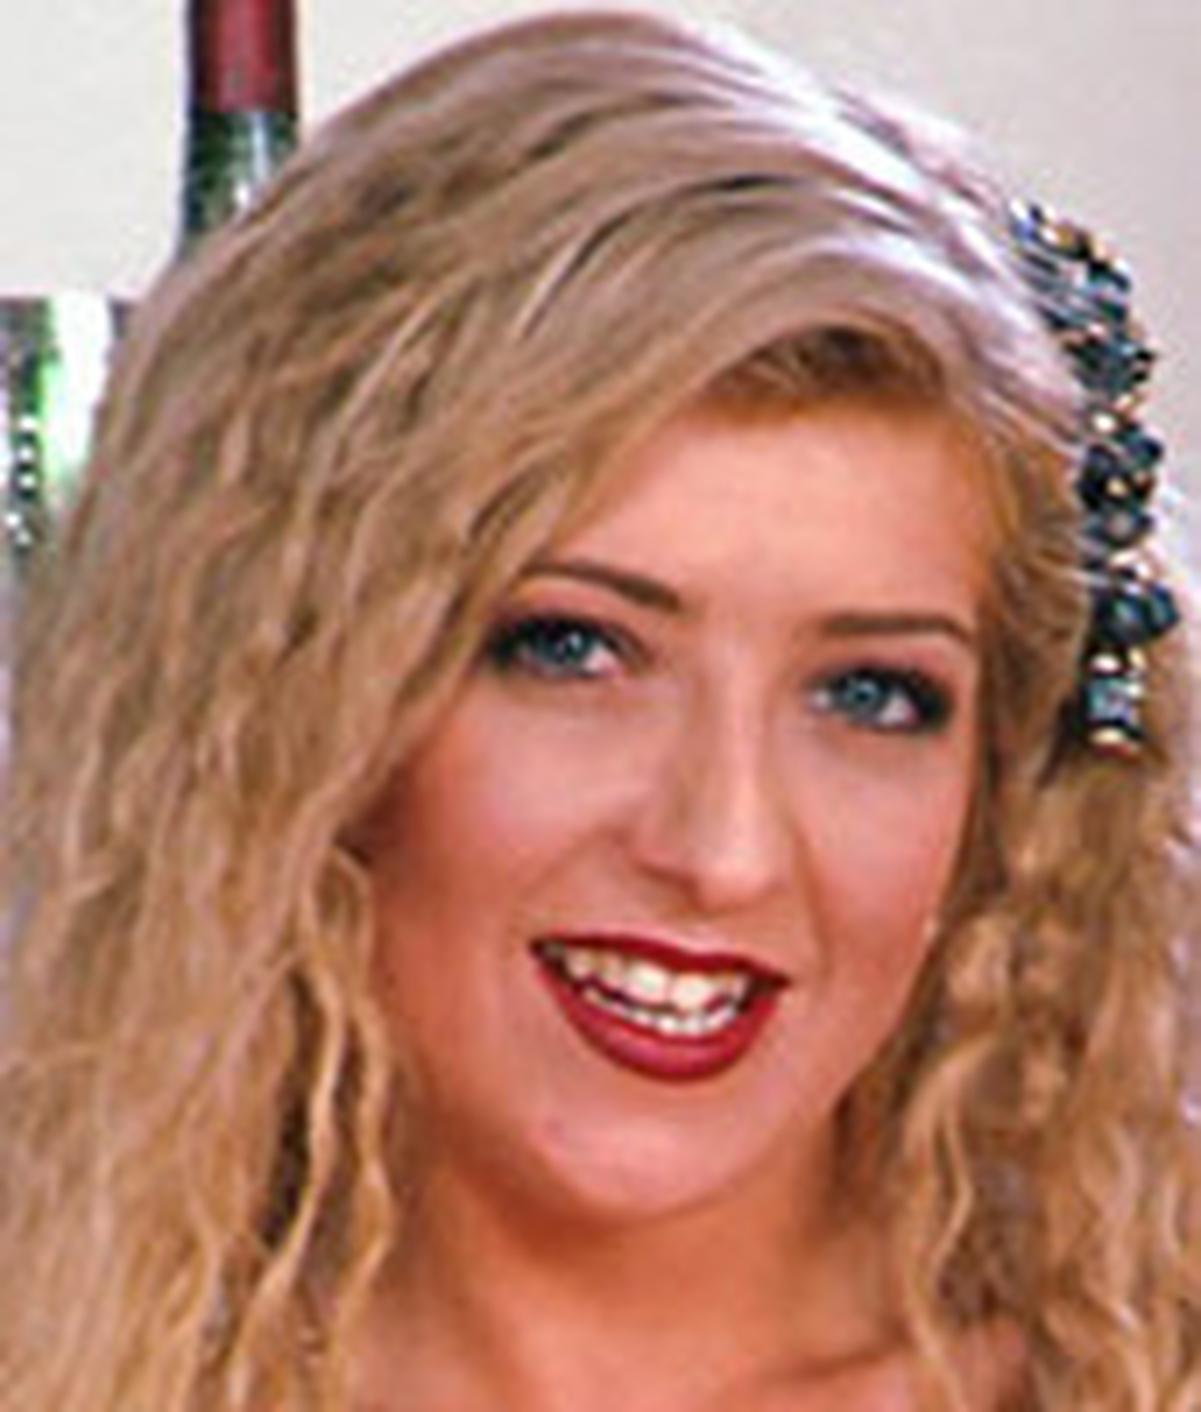 Natalie Sheldon